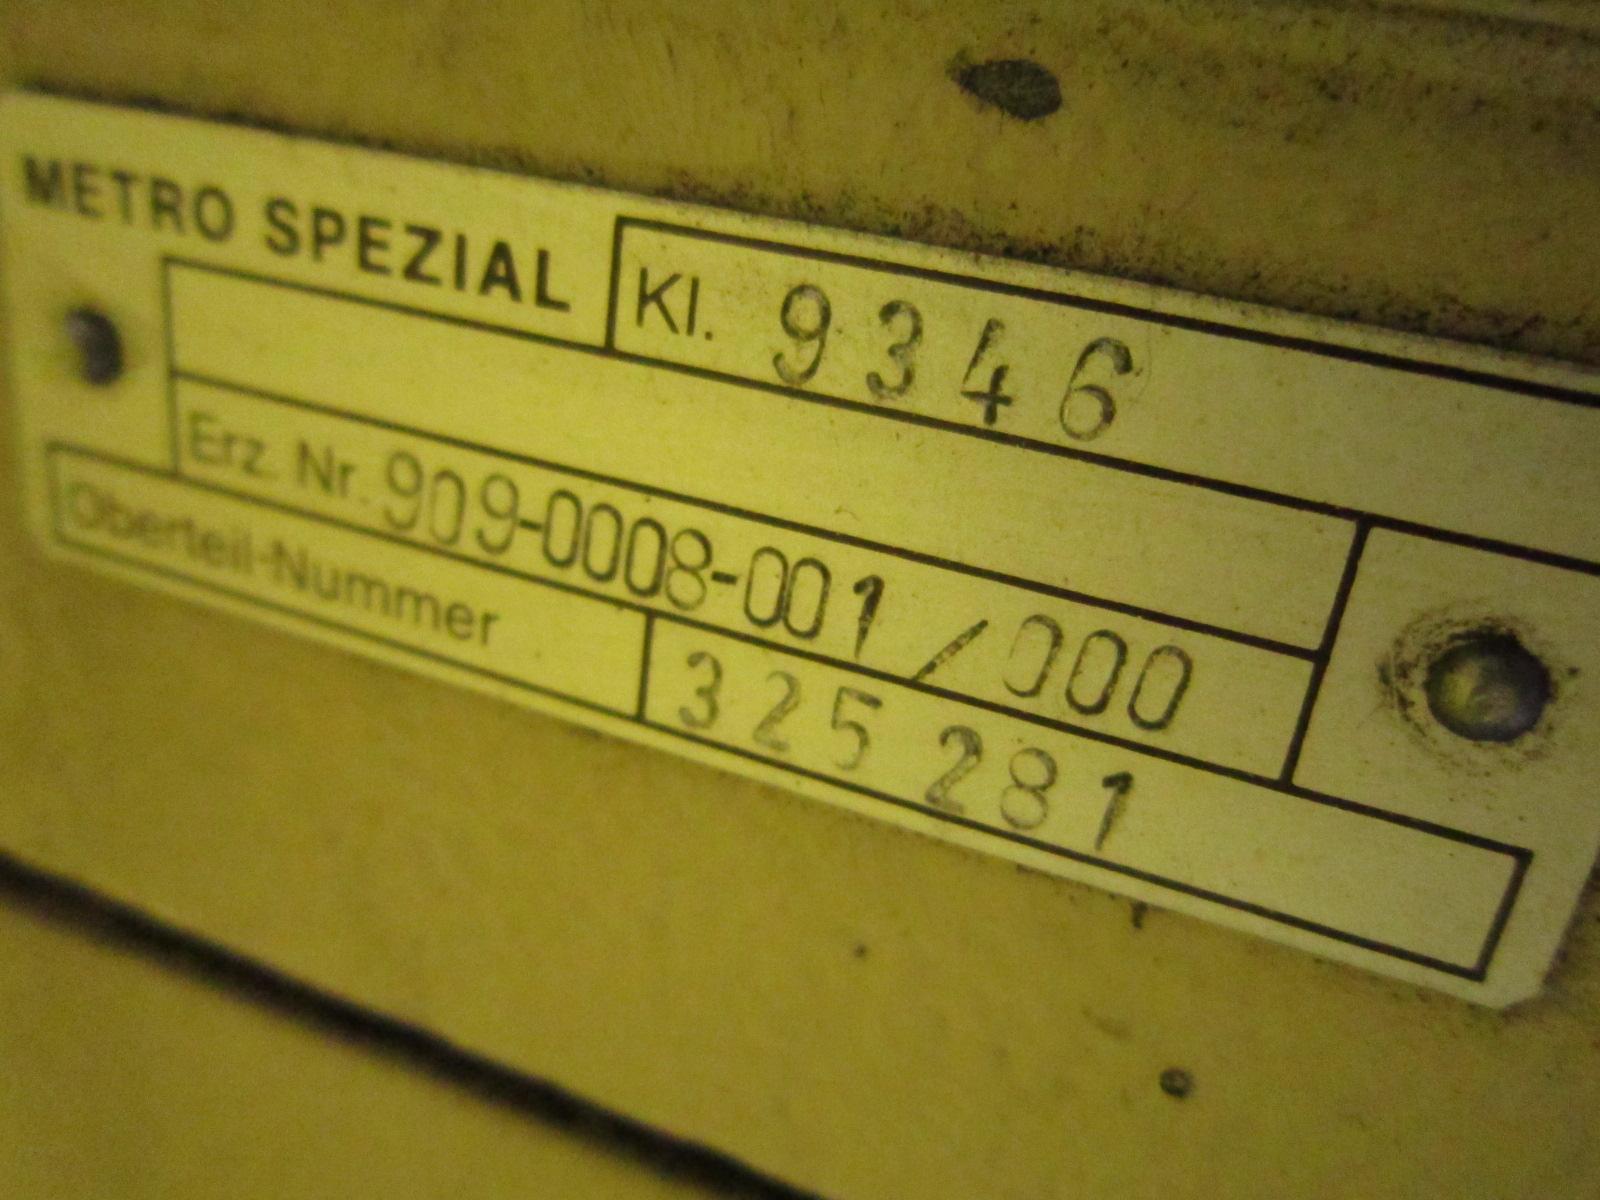 Sieck CLAES METRO SPEZIAL Kl 9346 Reparatur Nähmaschine  ~ Nähmaschine Reparatur Berlin